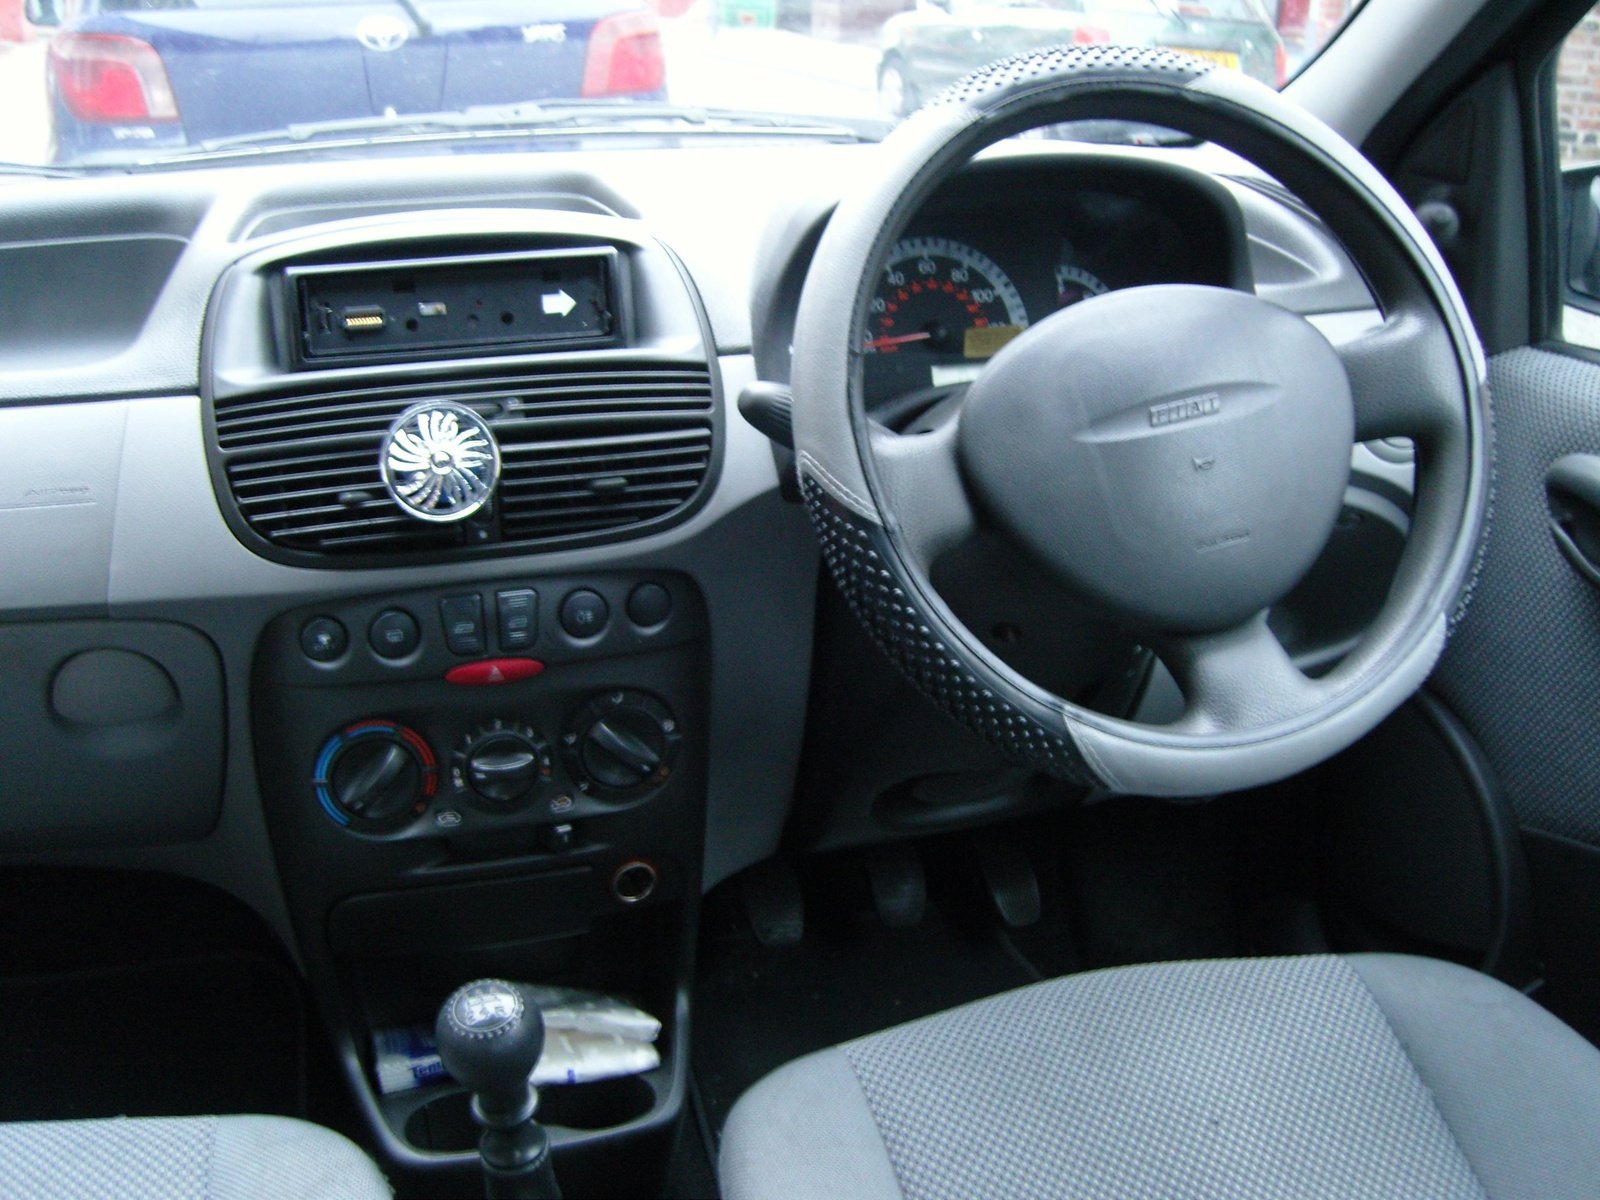 2001 fiat punto interior pictures cargurus for Fiat grande punto interieur